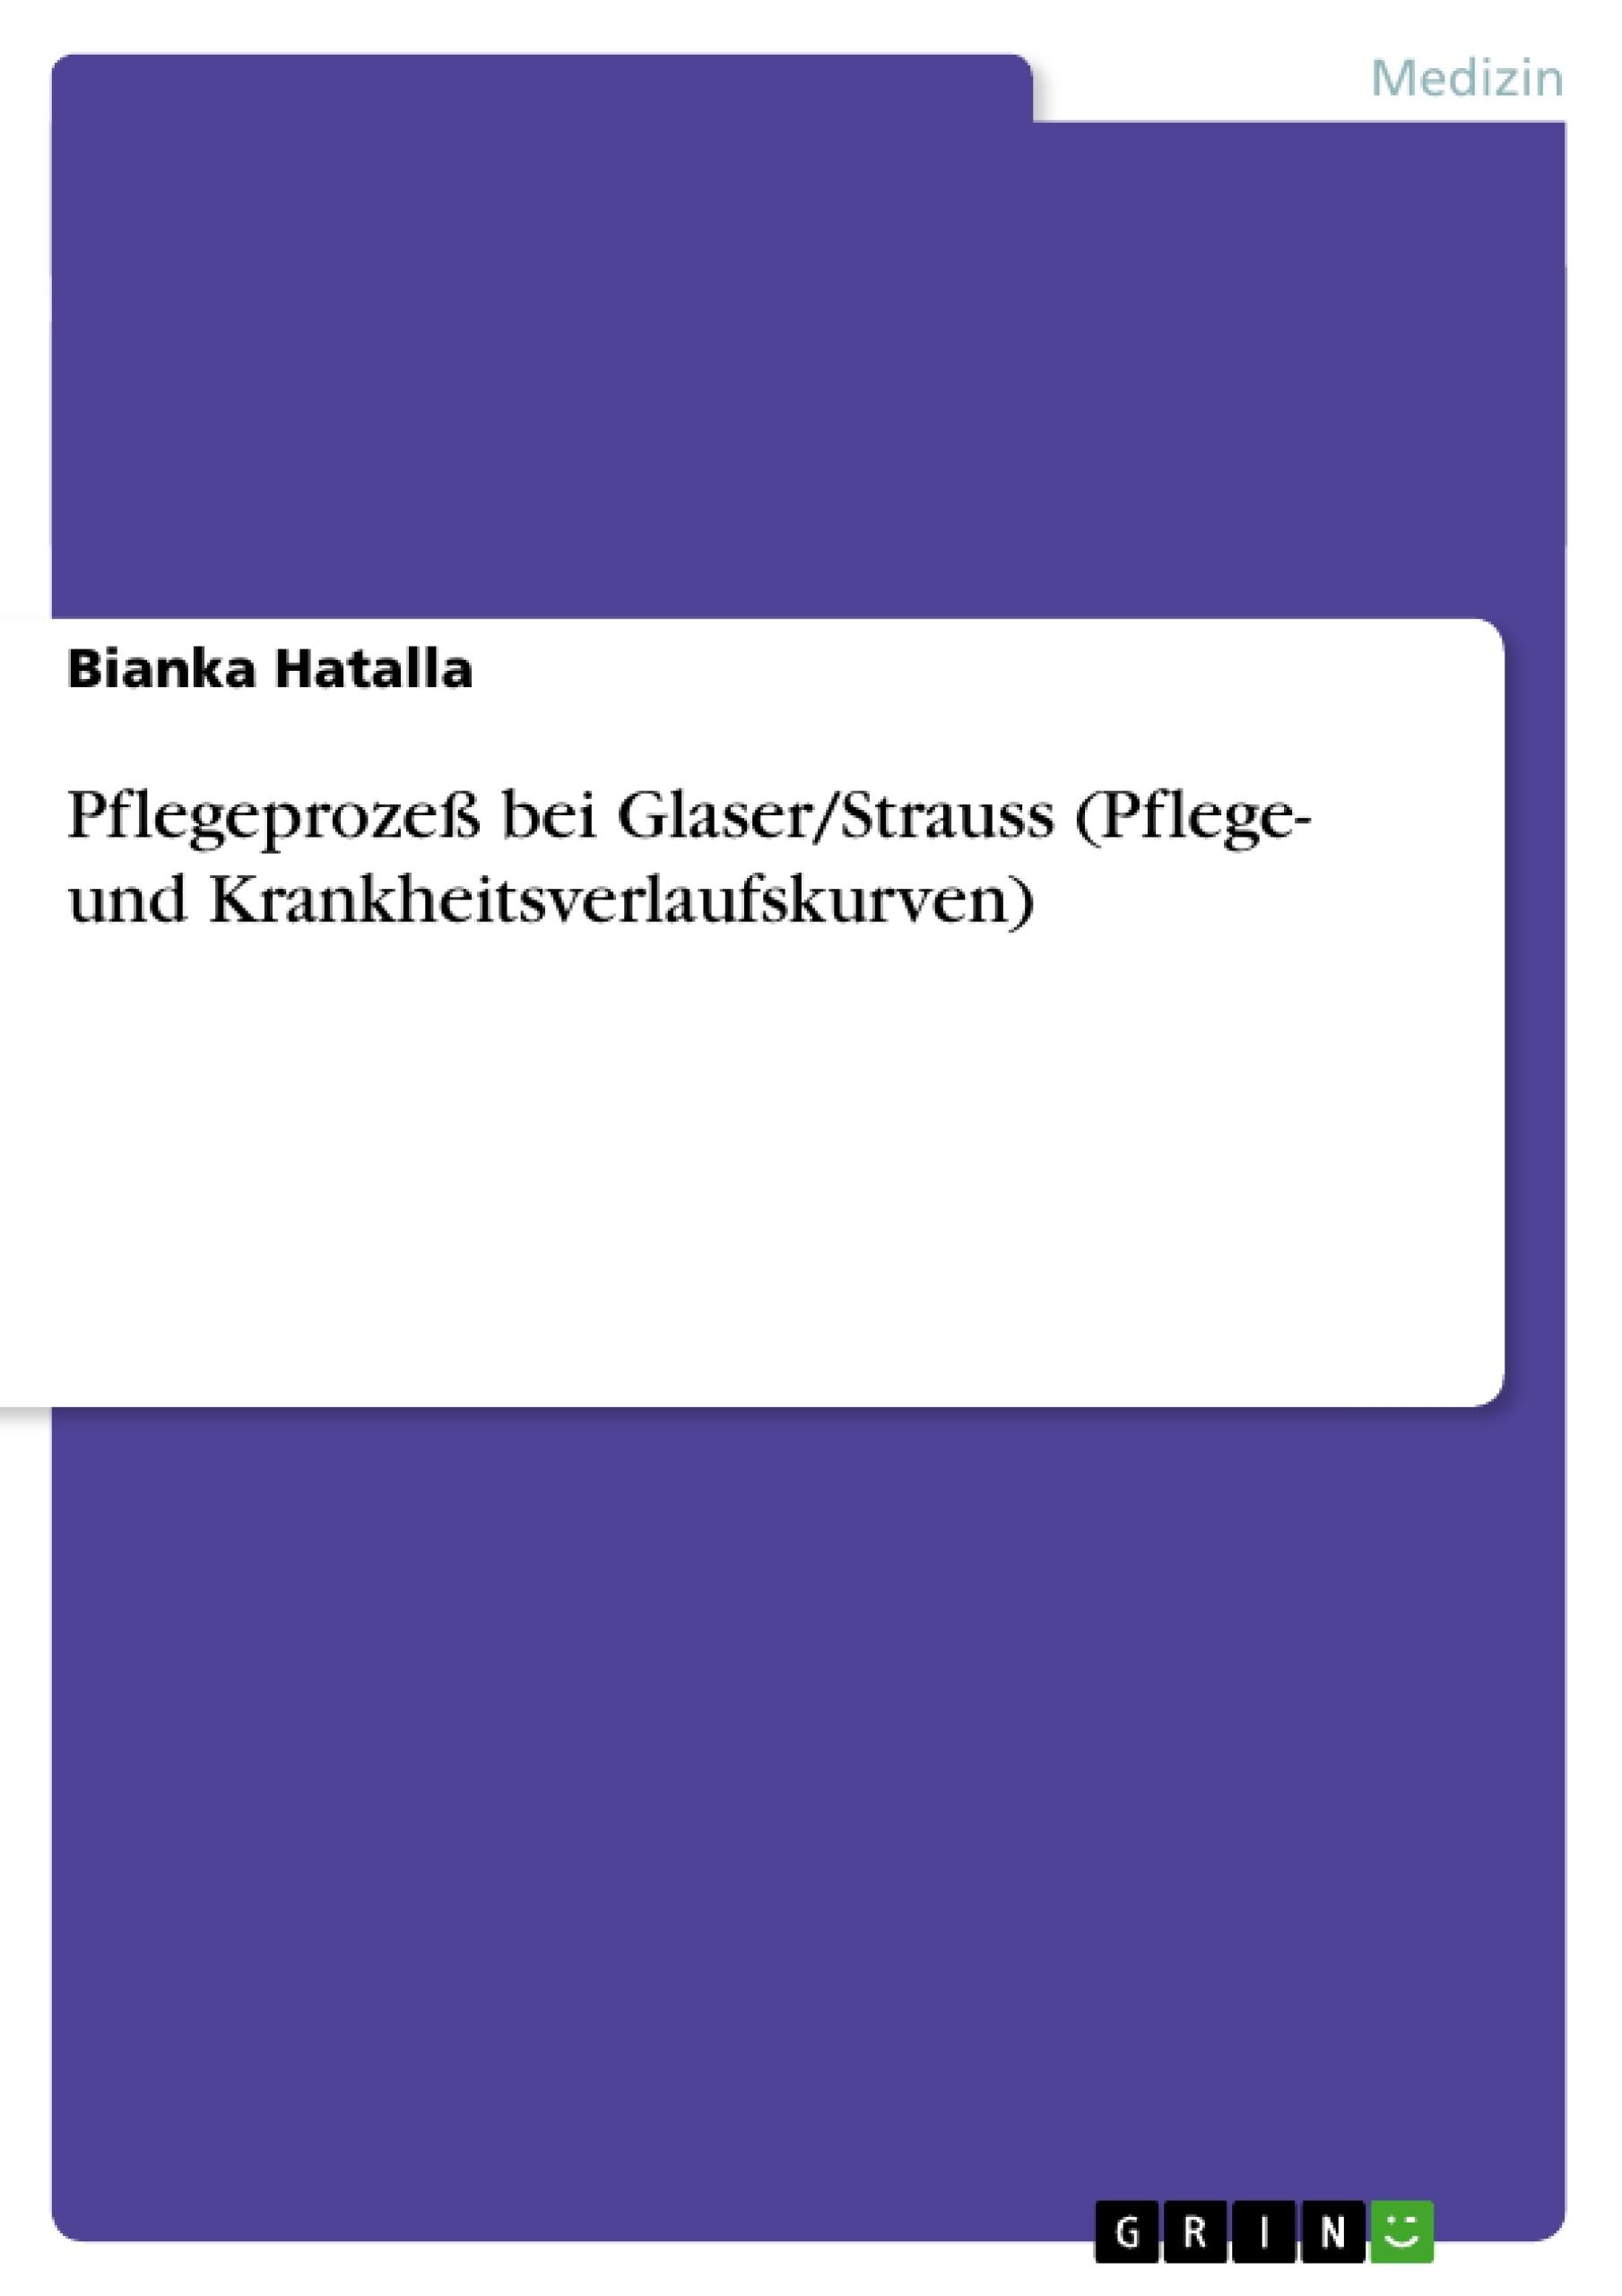 Titel: Pflegeprozeß bei Glaser/Strauss (Pflege- und Krankheitsverlaufskurven)